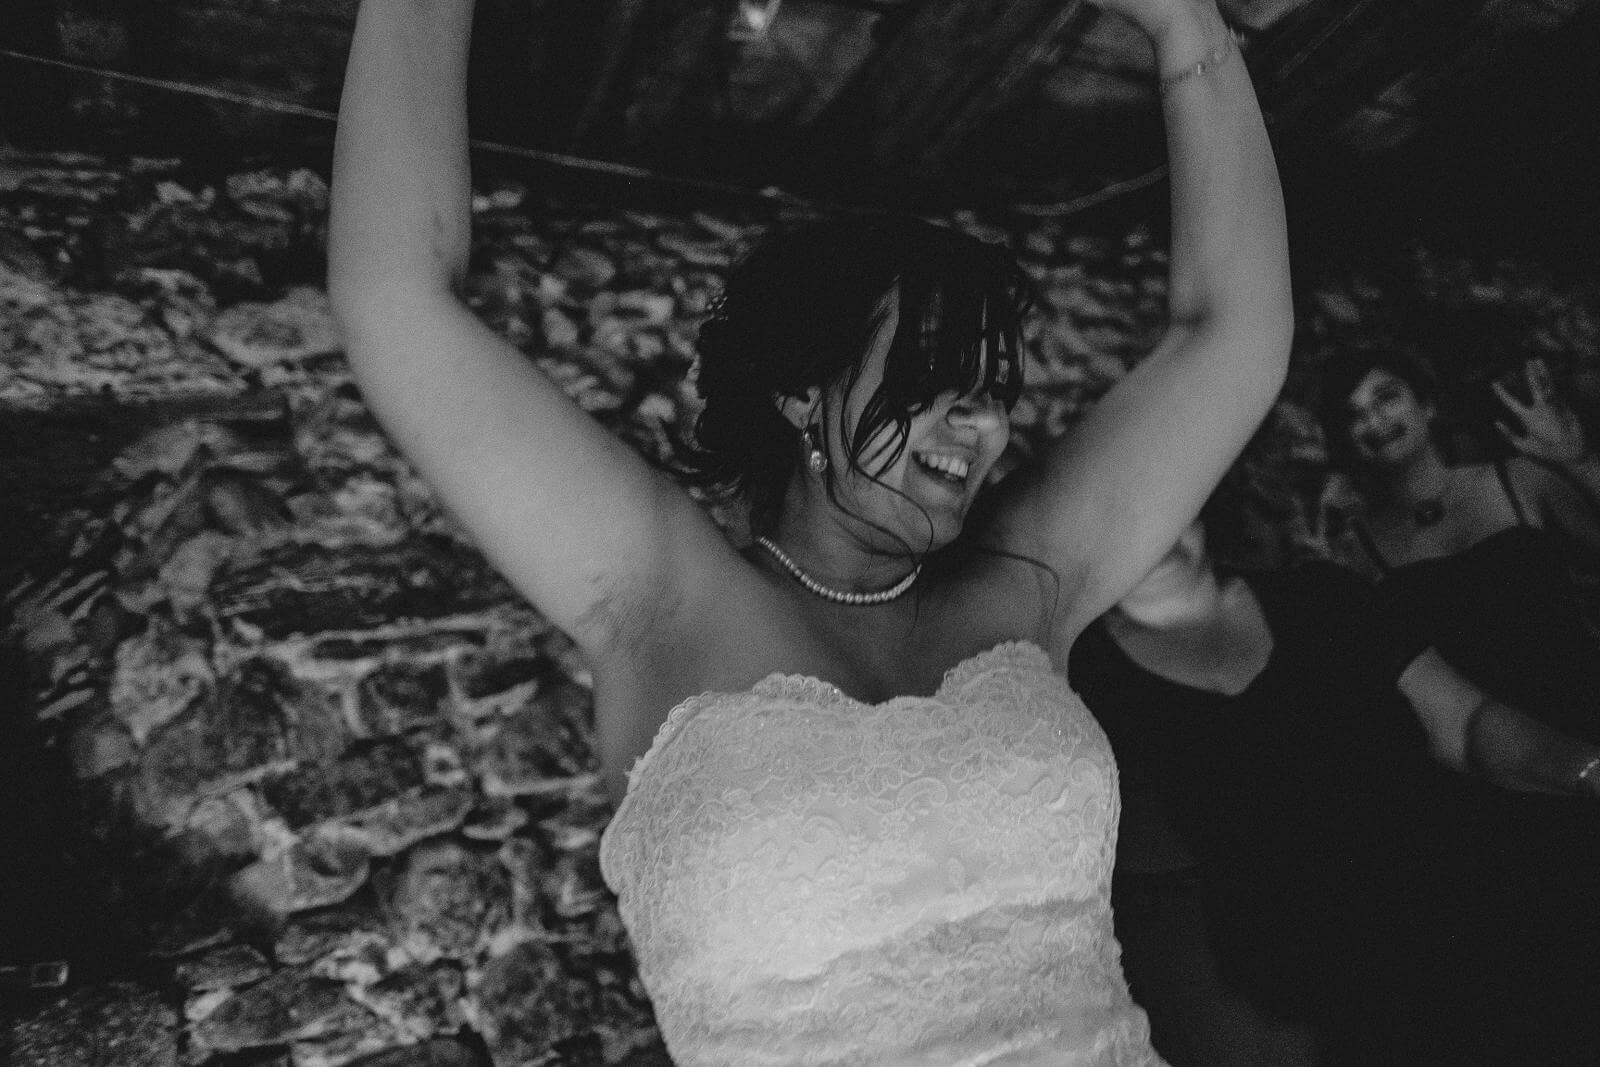 Hochzeitsfotograf auf dem Klausenbauernhof in Wolfach (53)